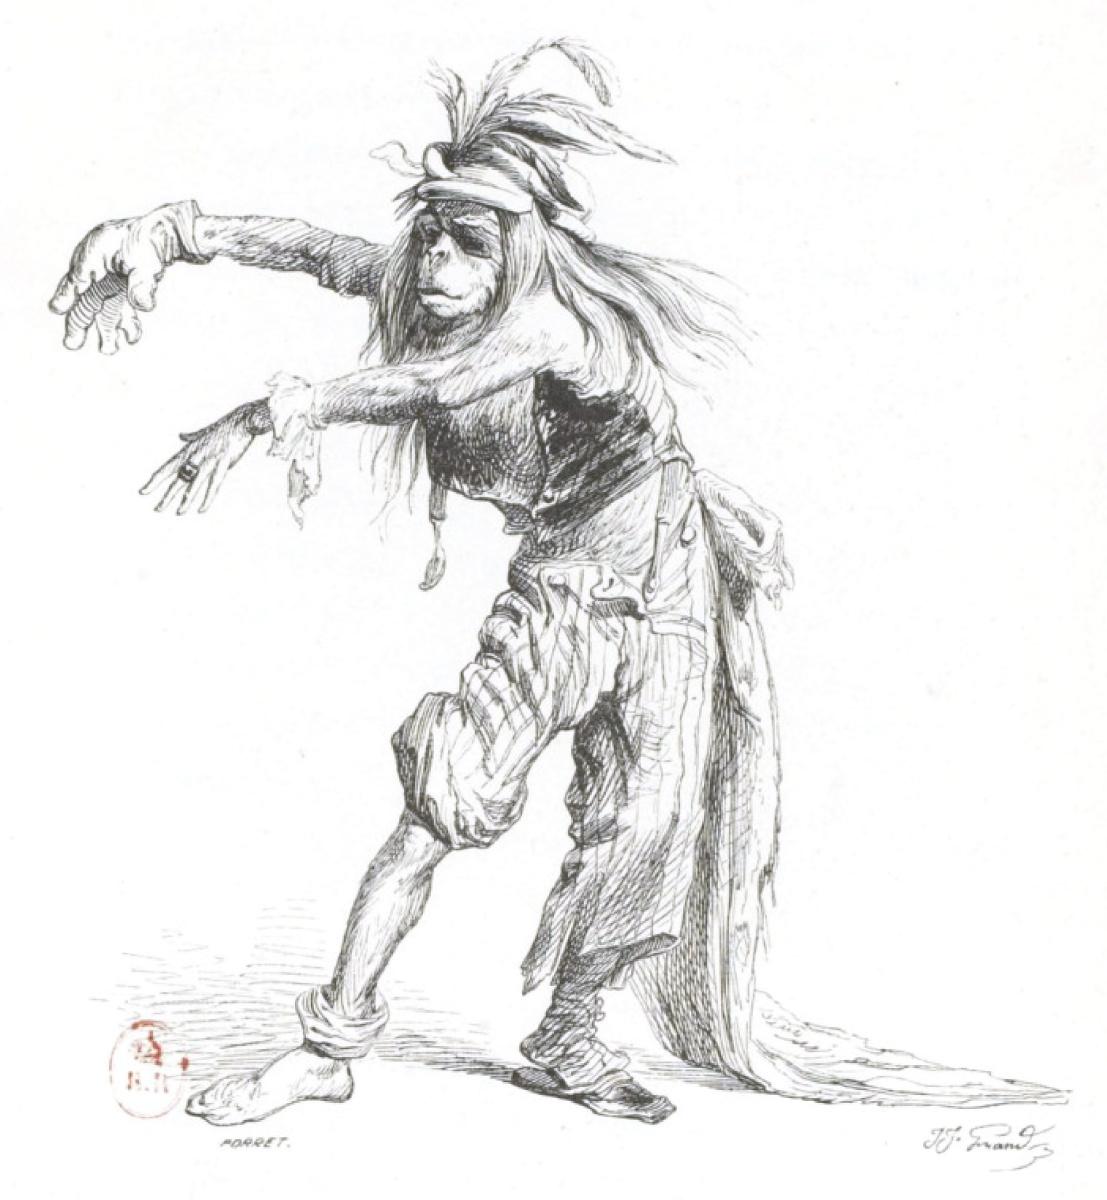 """Жан Иньяс Изидор (Жерар) Гранвиль. Гротескный карнавальный танец в лохмотьях. """"Сцены общественной и частной жизни животных"""""""